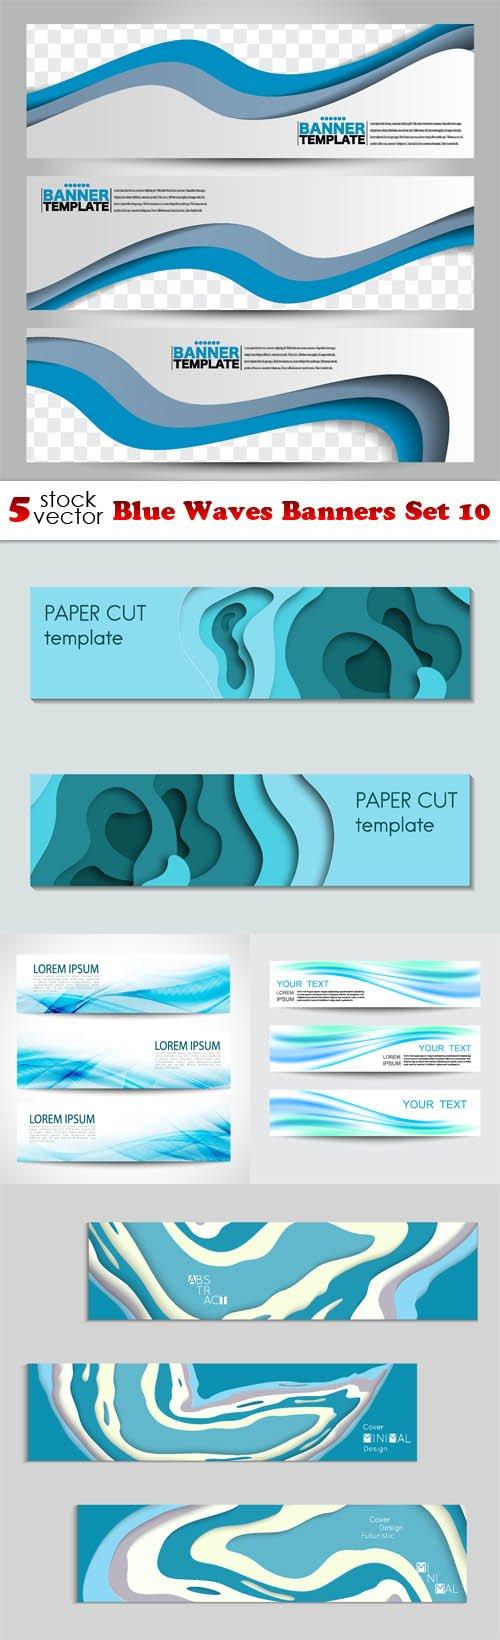 Vectors - Blue Waves Banners Set 10